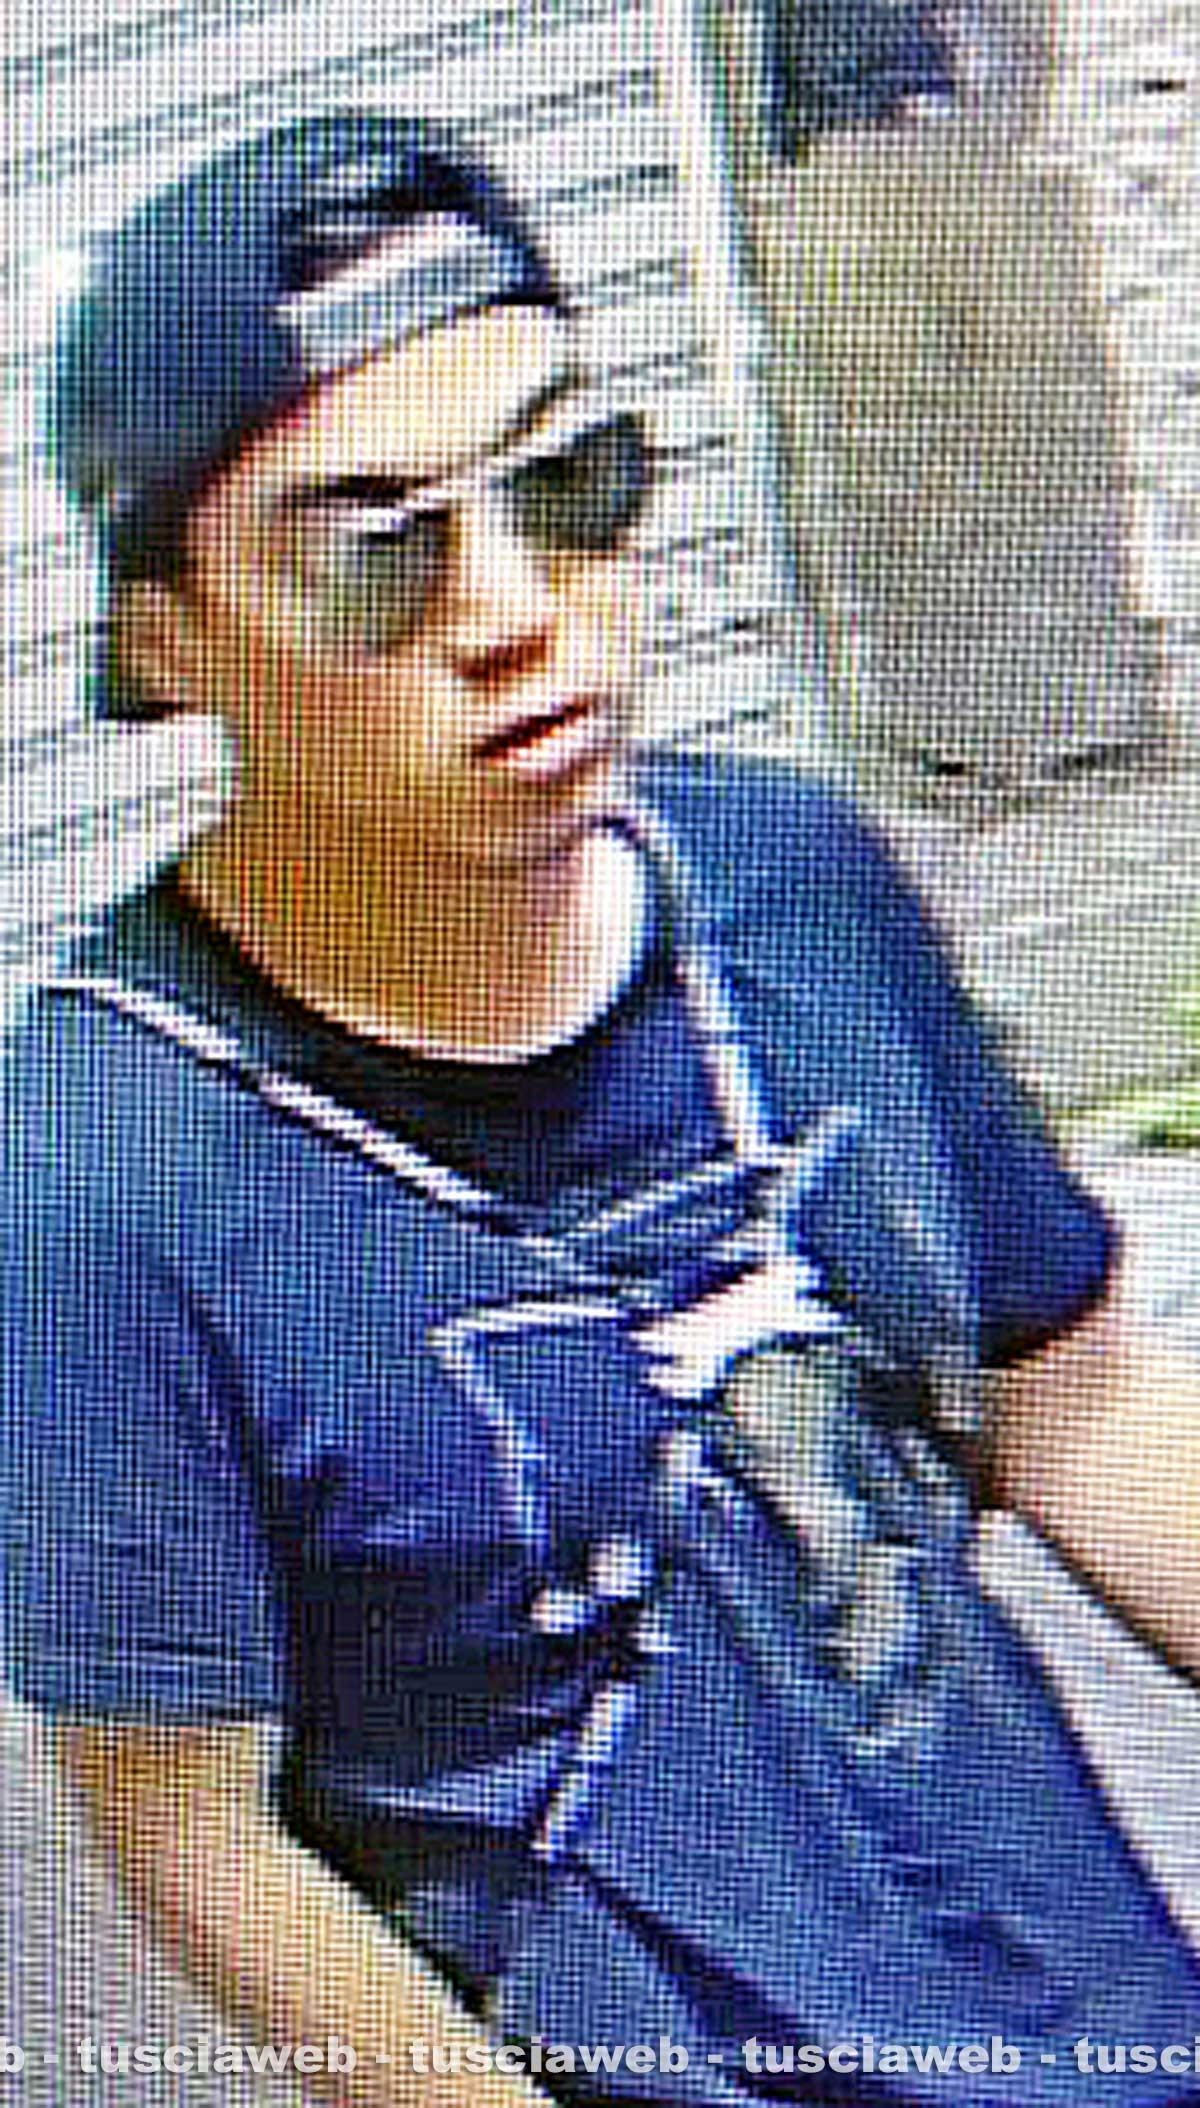 Omicidio Fedeli - Il presunto killer prima del delitto